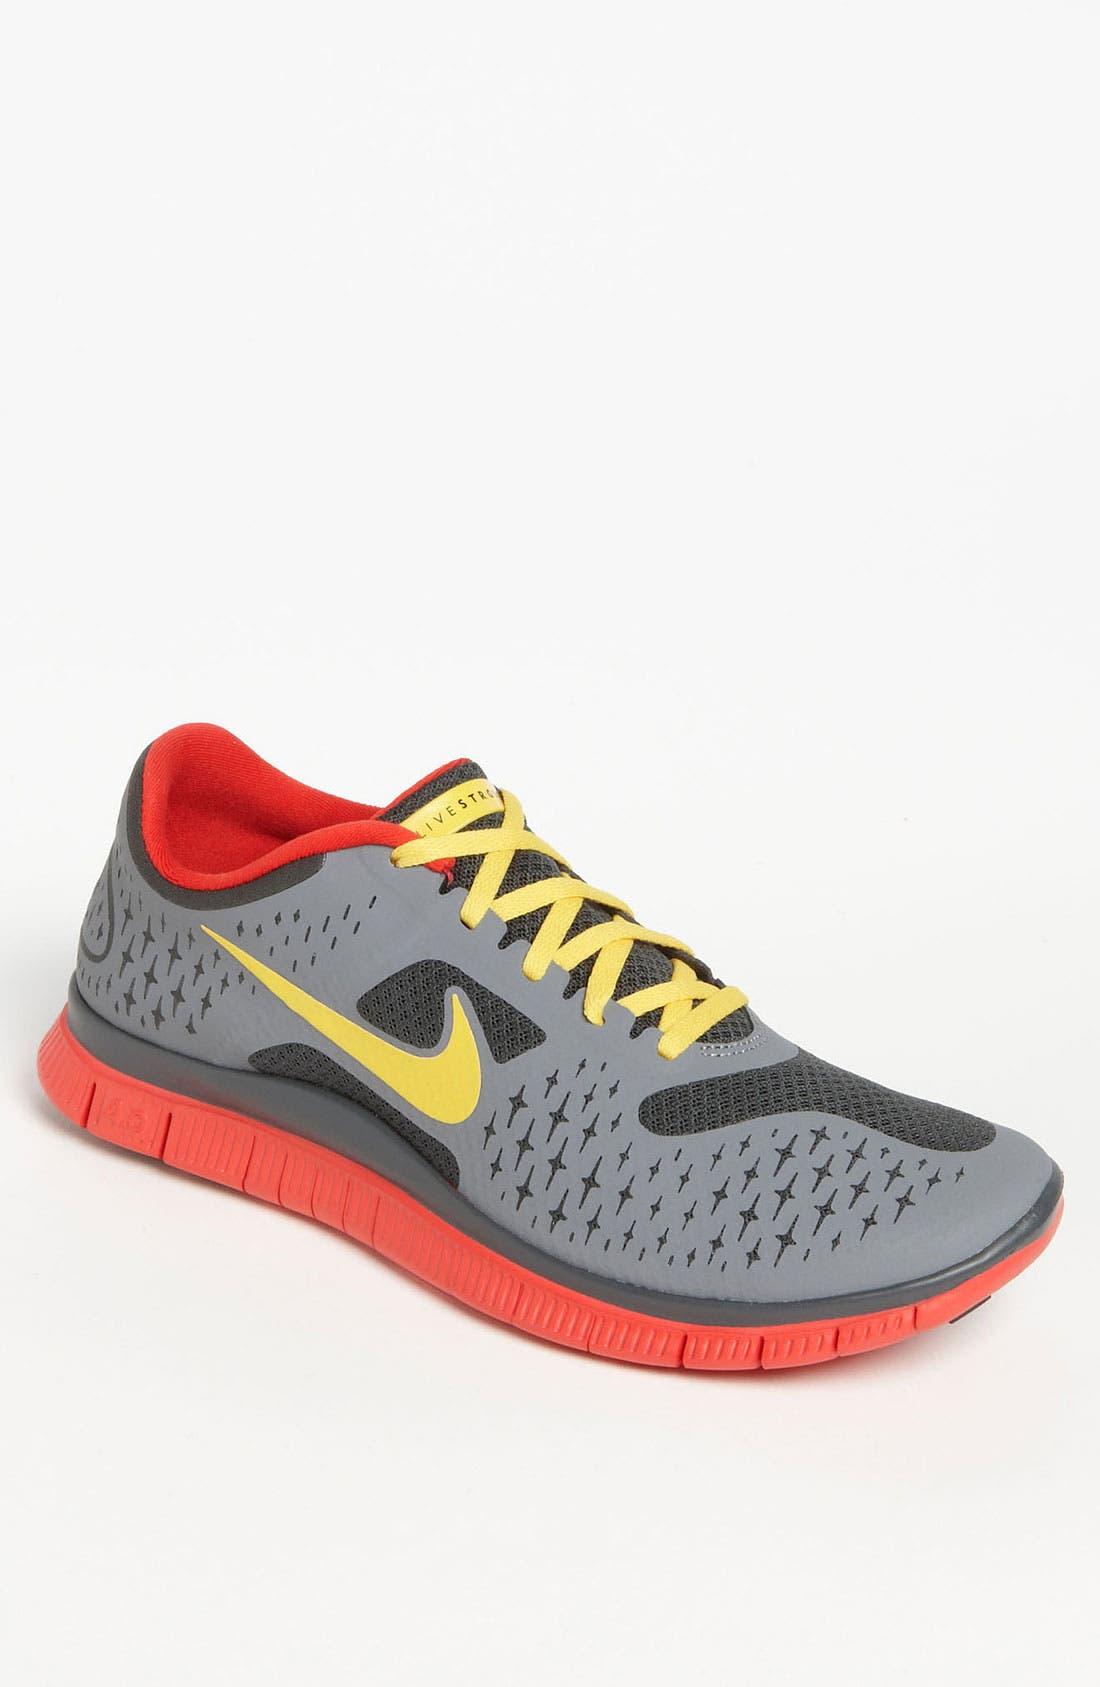 Alternate Image 1 Selected - Nike 'Free 4.0 V2 LAF' Running Shoe (Men)